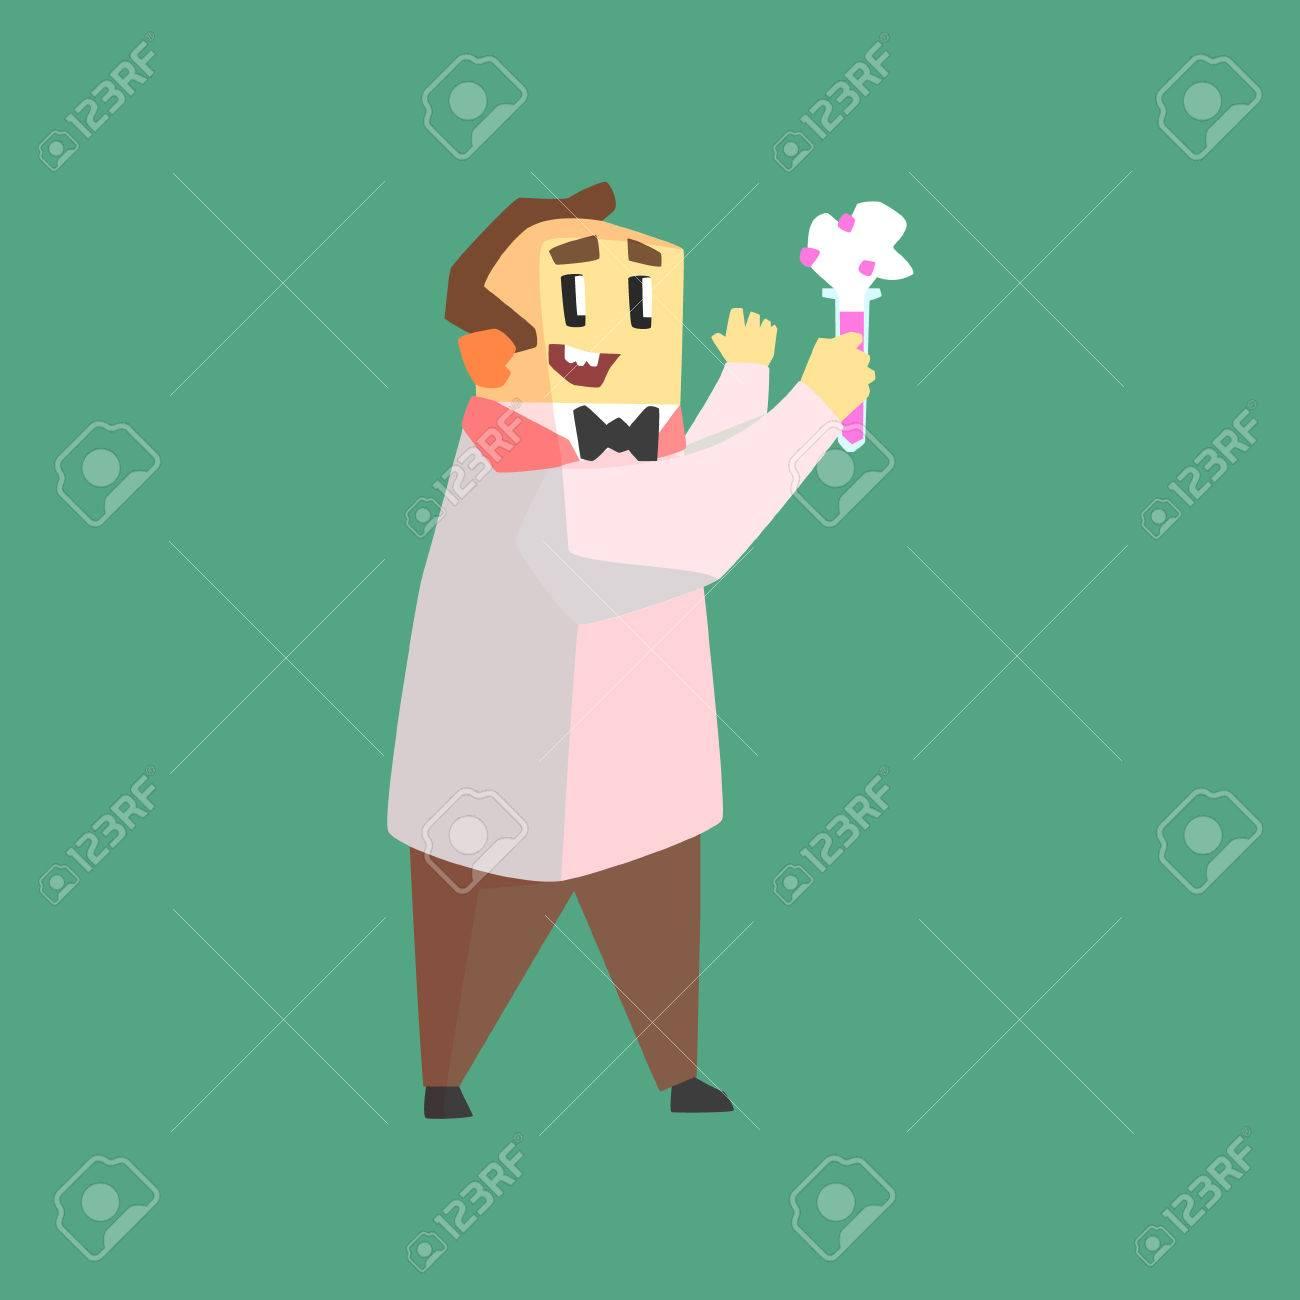 Scientifique Drole Dans Coat Lab Faire Chemical Reaction Dans Test Tube Caractere Dessin Sur Fond Vert Dans Cool Style Geometrique Clip Art Libres De Droits Vecteurs Et Illustration Image 65540444